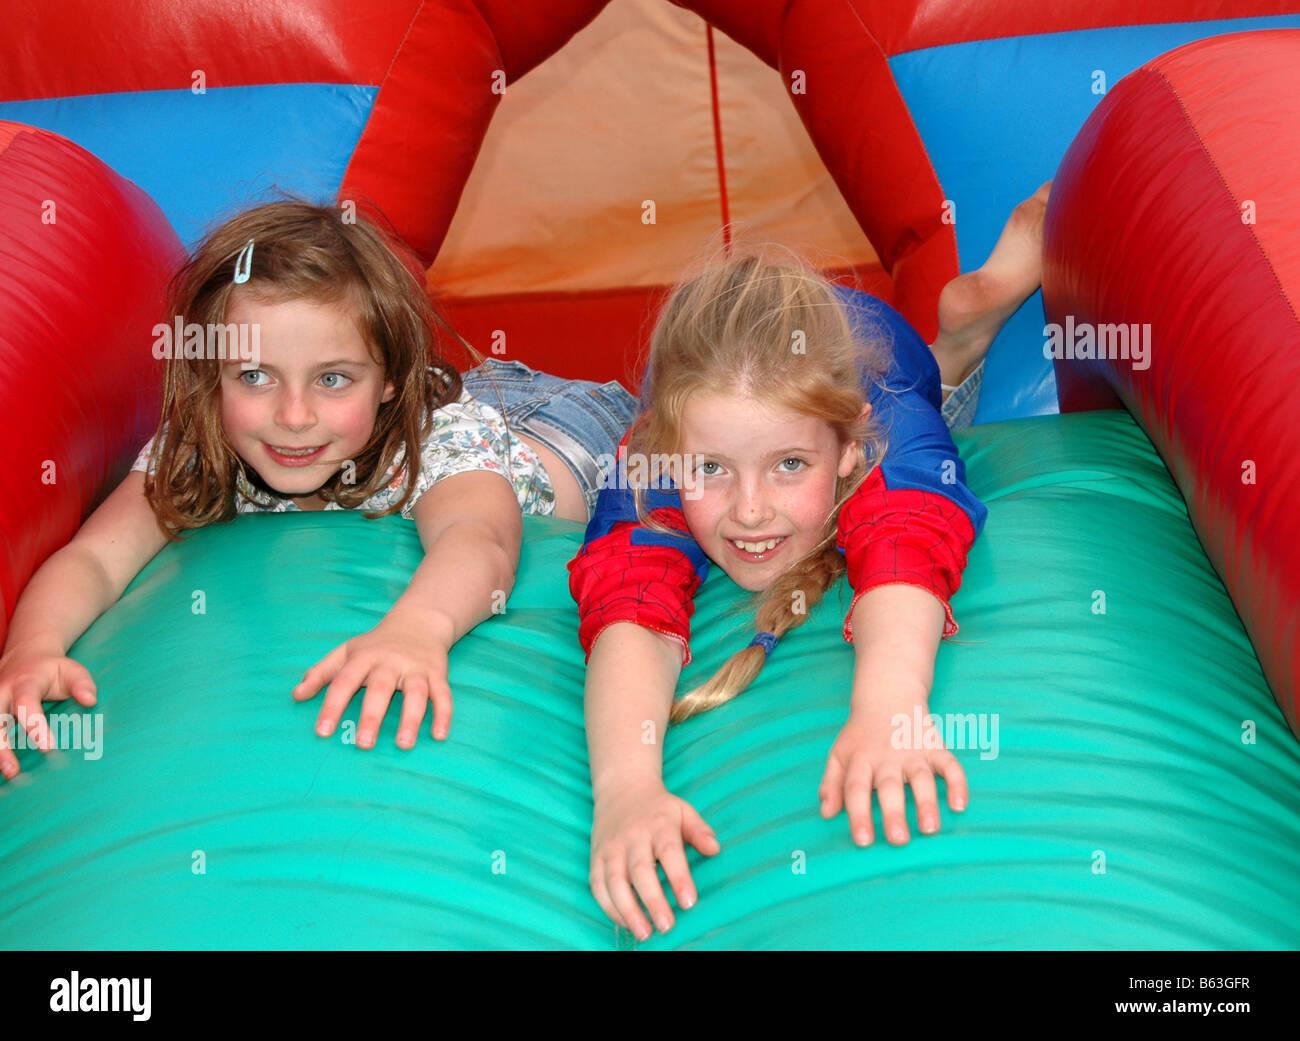 Zwei junge Mädchen spielen in der Hüpfburg. Stockbild